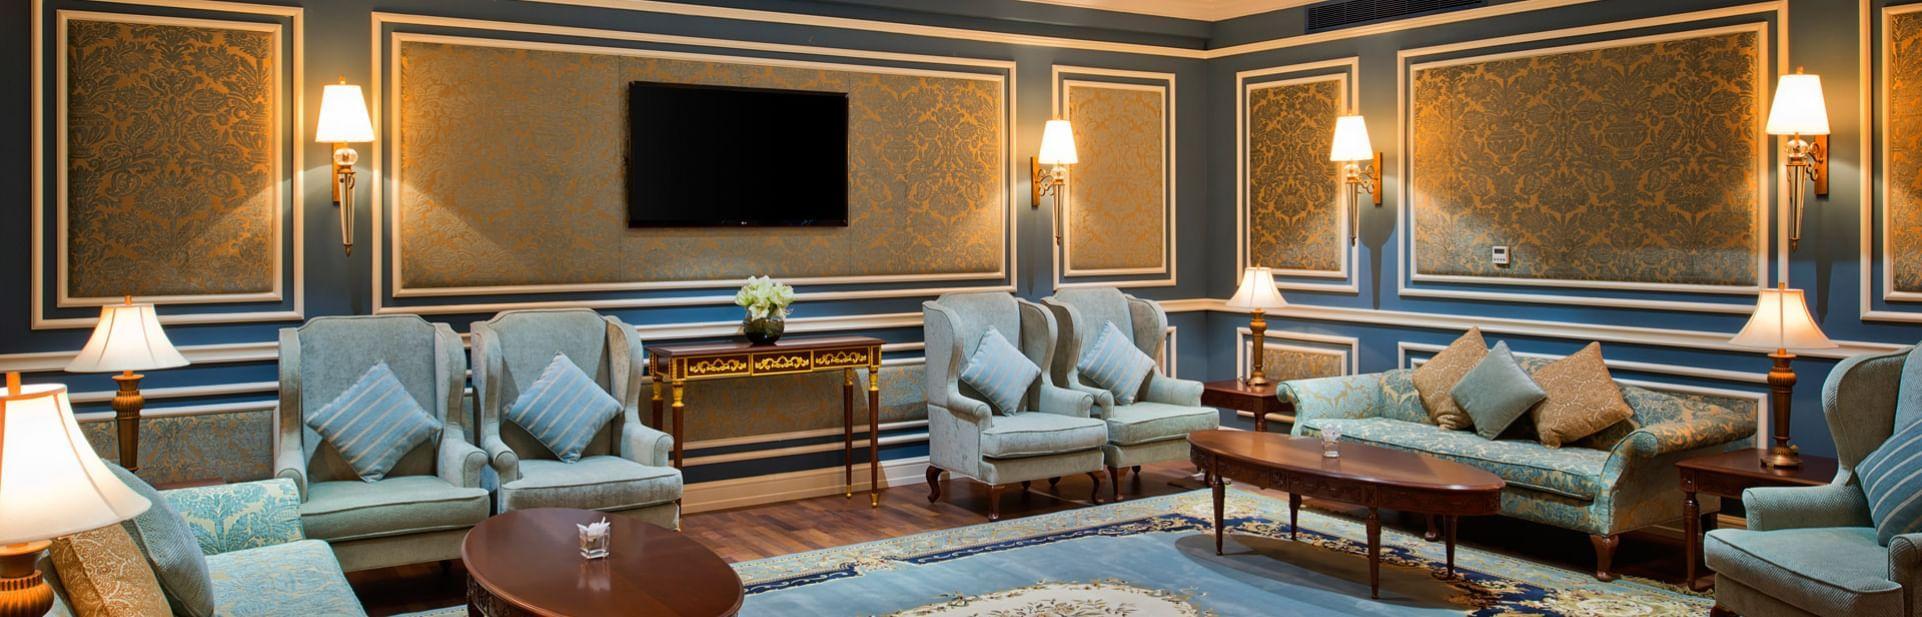 Lobby at Warwick Hotels and Resorts